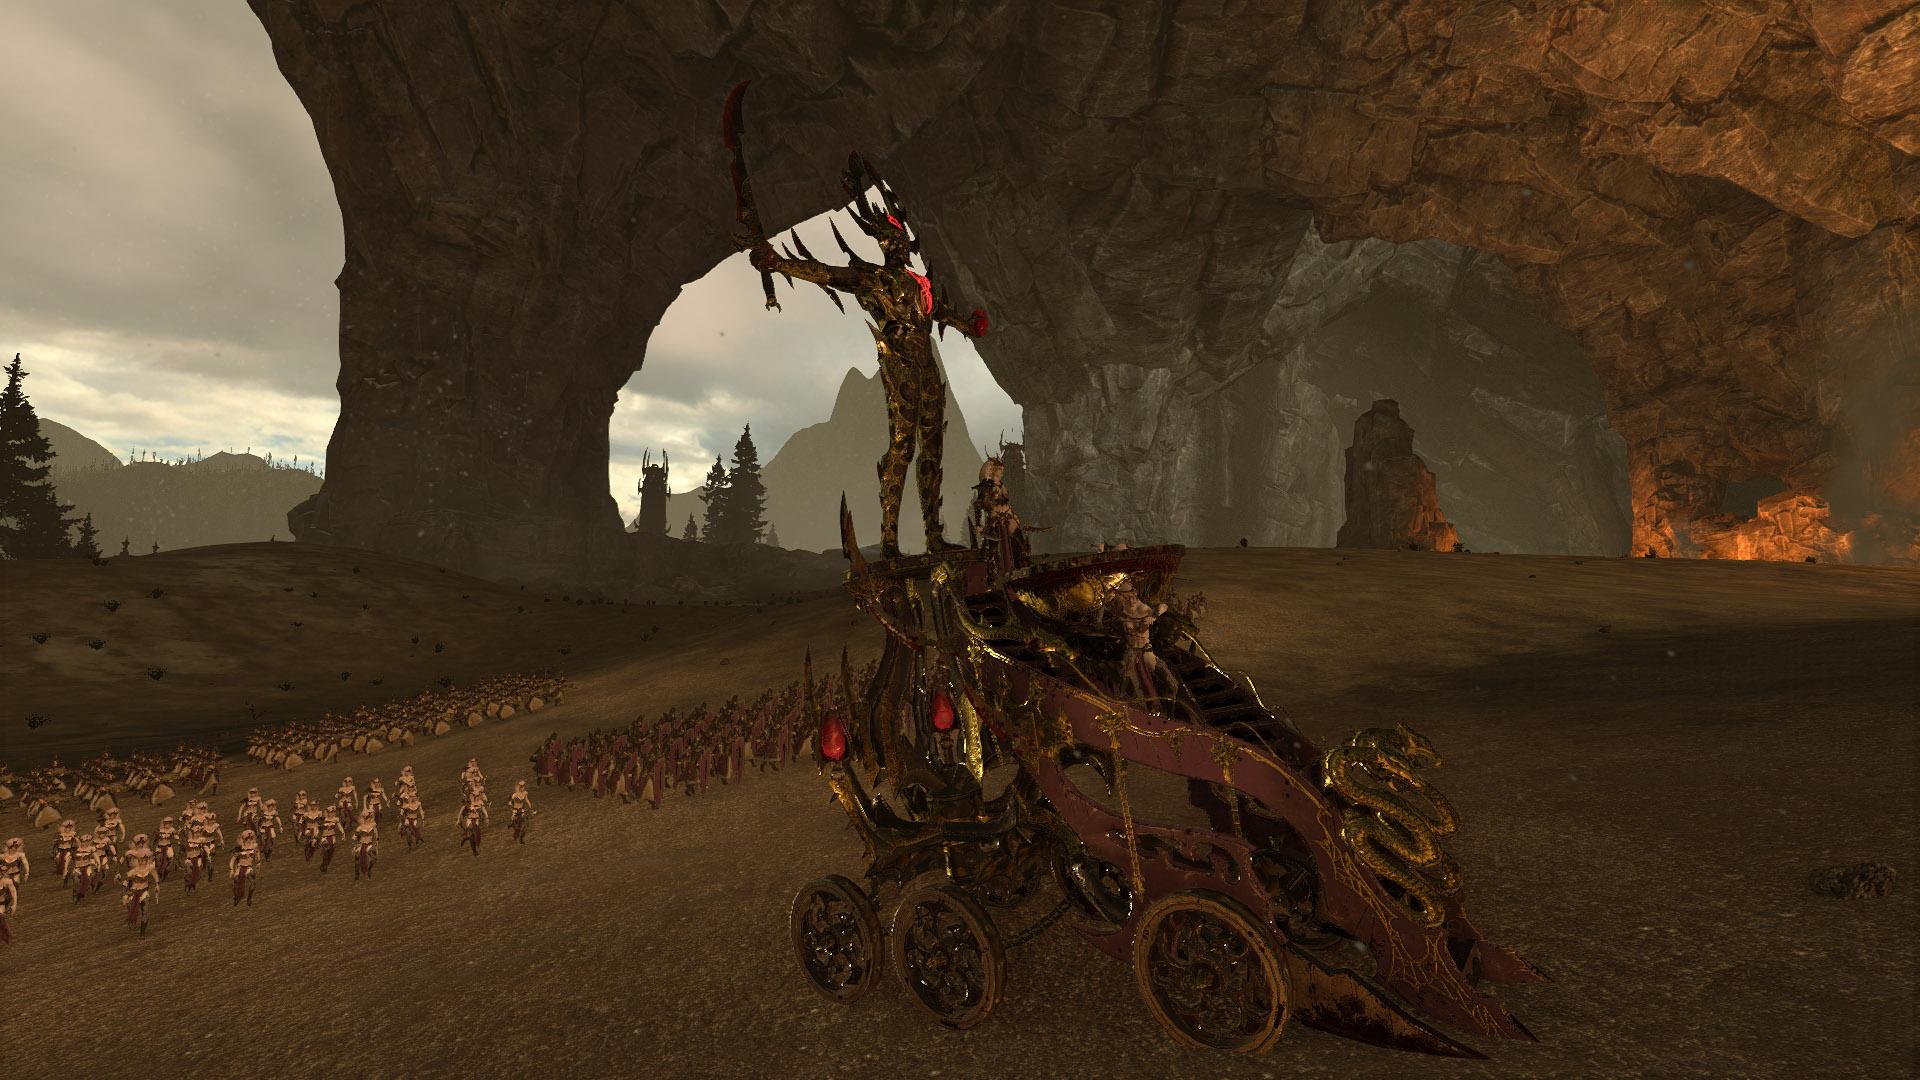 C'est lors des séances de tuning de chars sur le parking du Lidl de la lande de la Désolation que l'élégance, la sobriété et le goût sûr des elfes noirs peuvent s'exprimer.